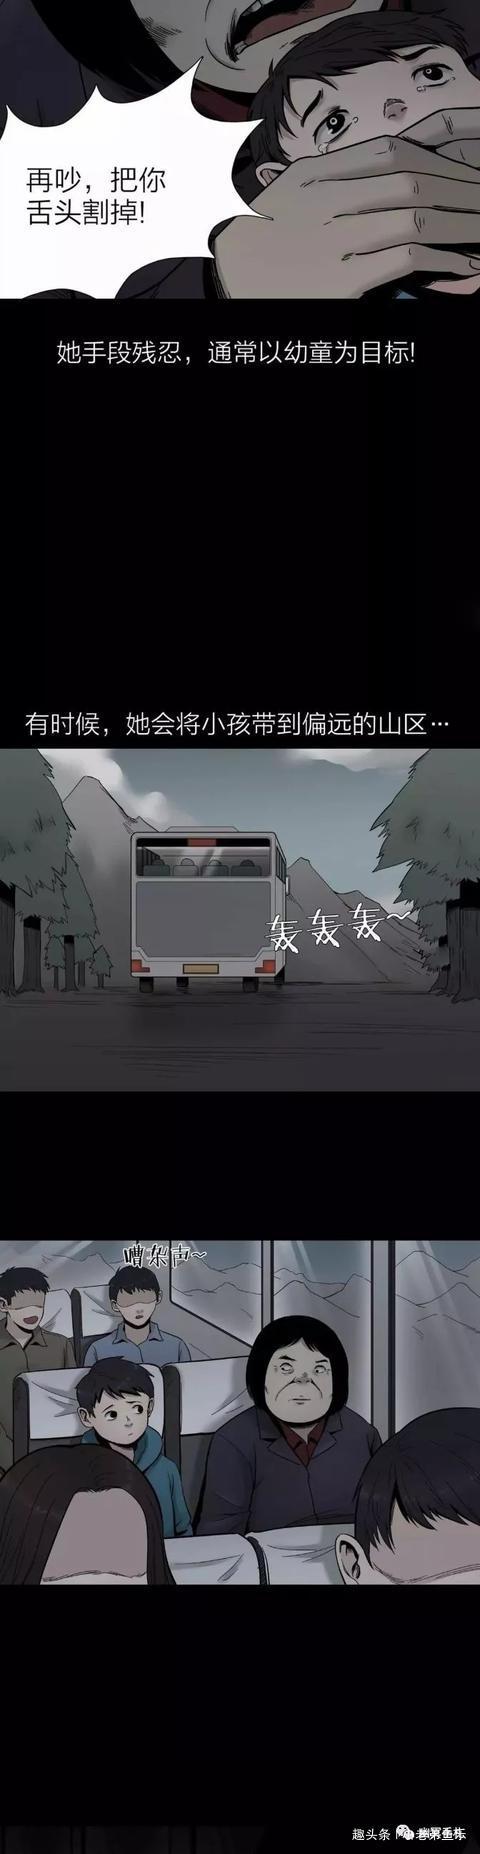 漫画:躲在神秘庙的人贩子